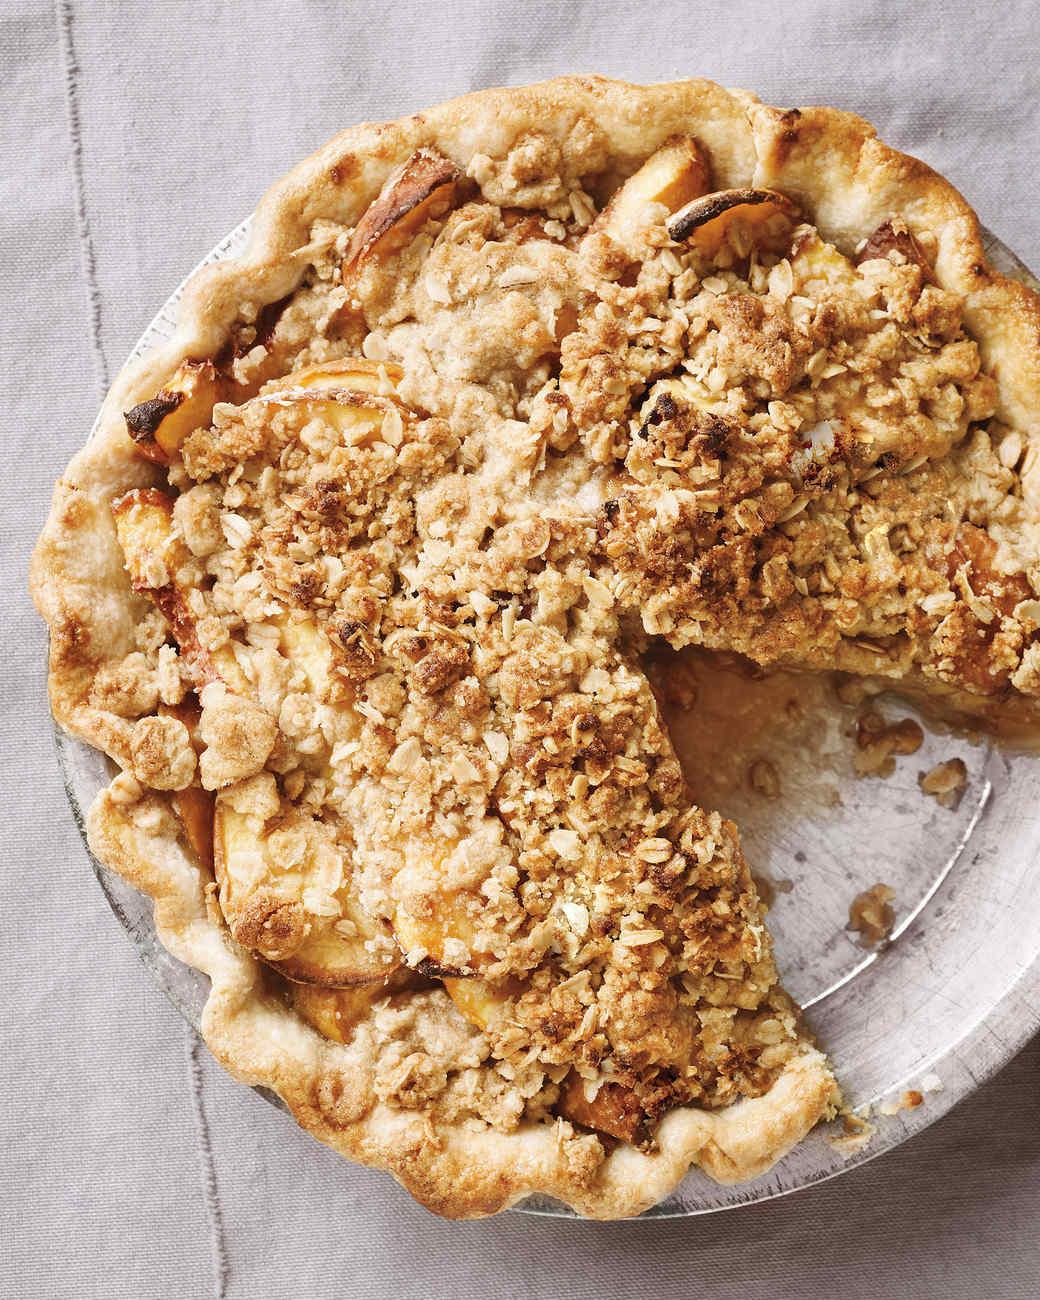 peach-crumble-pie-med107220.jpg